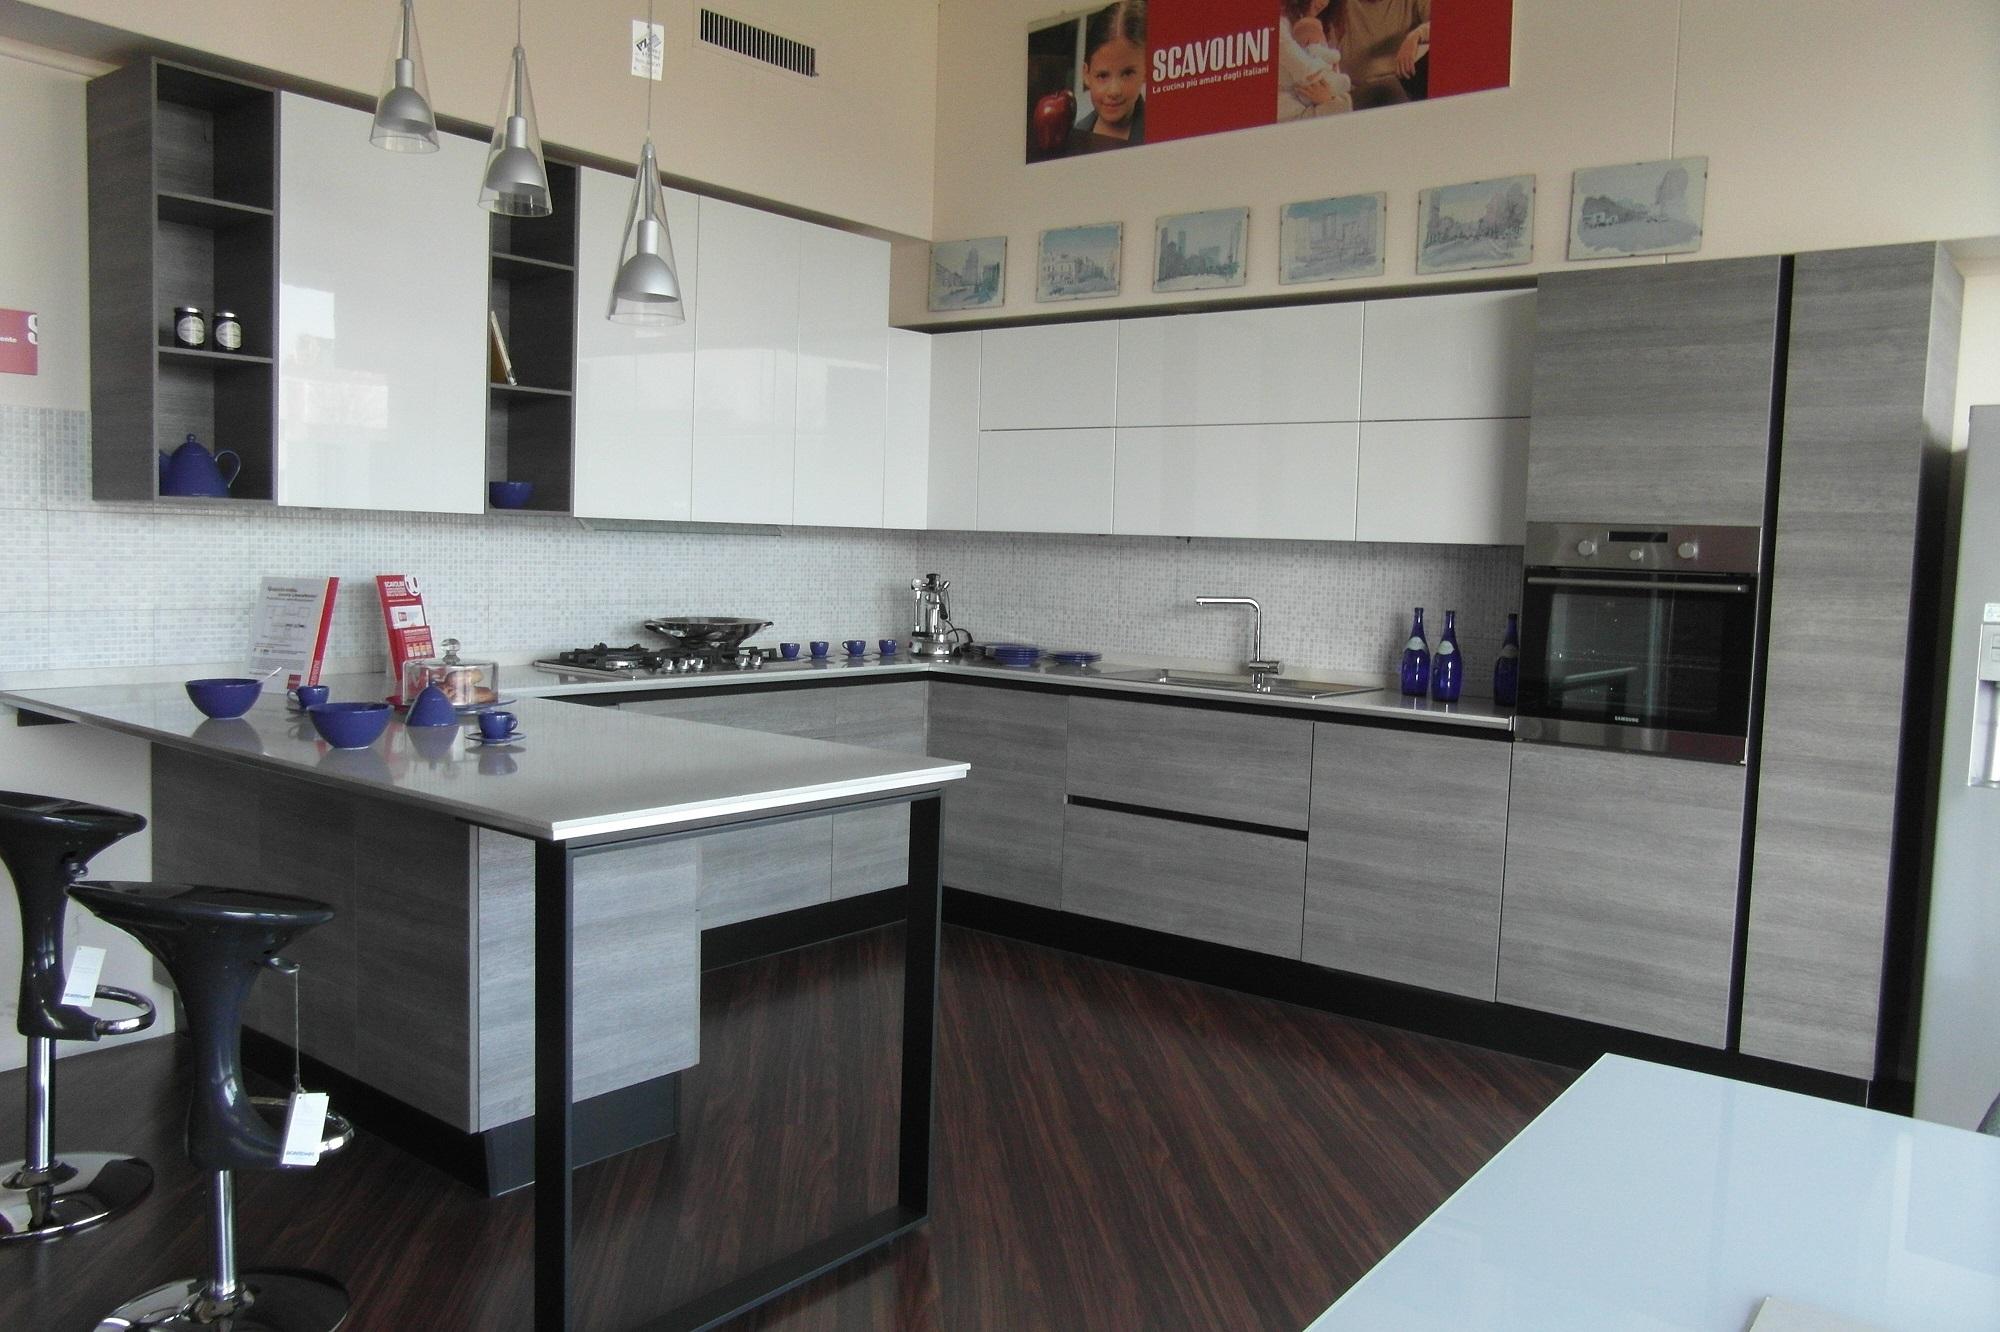 Cucine moderne prezzi scavolini ispirazione di design per la casa e mobili oggi - Costo cucine scavolini ...